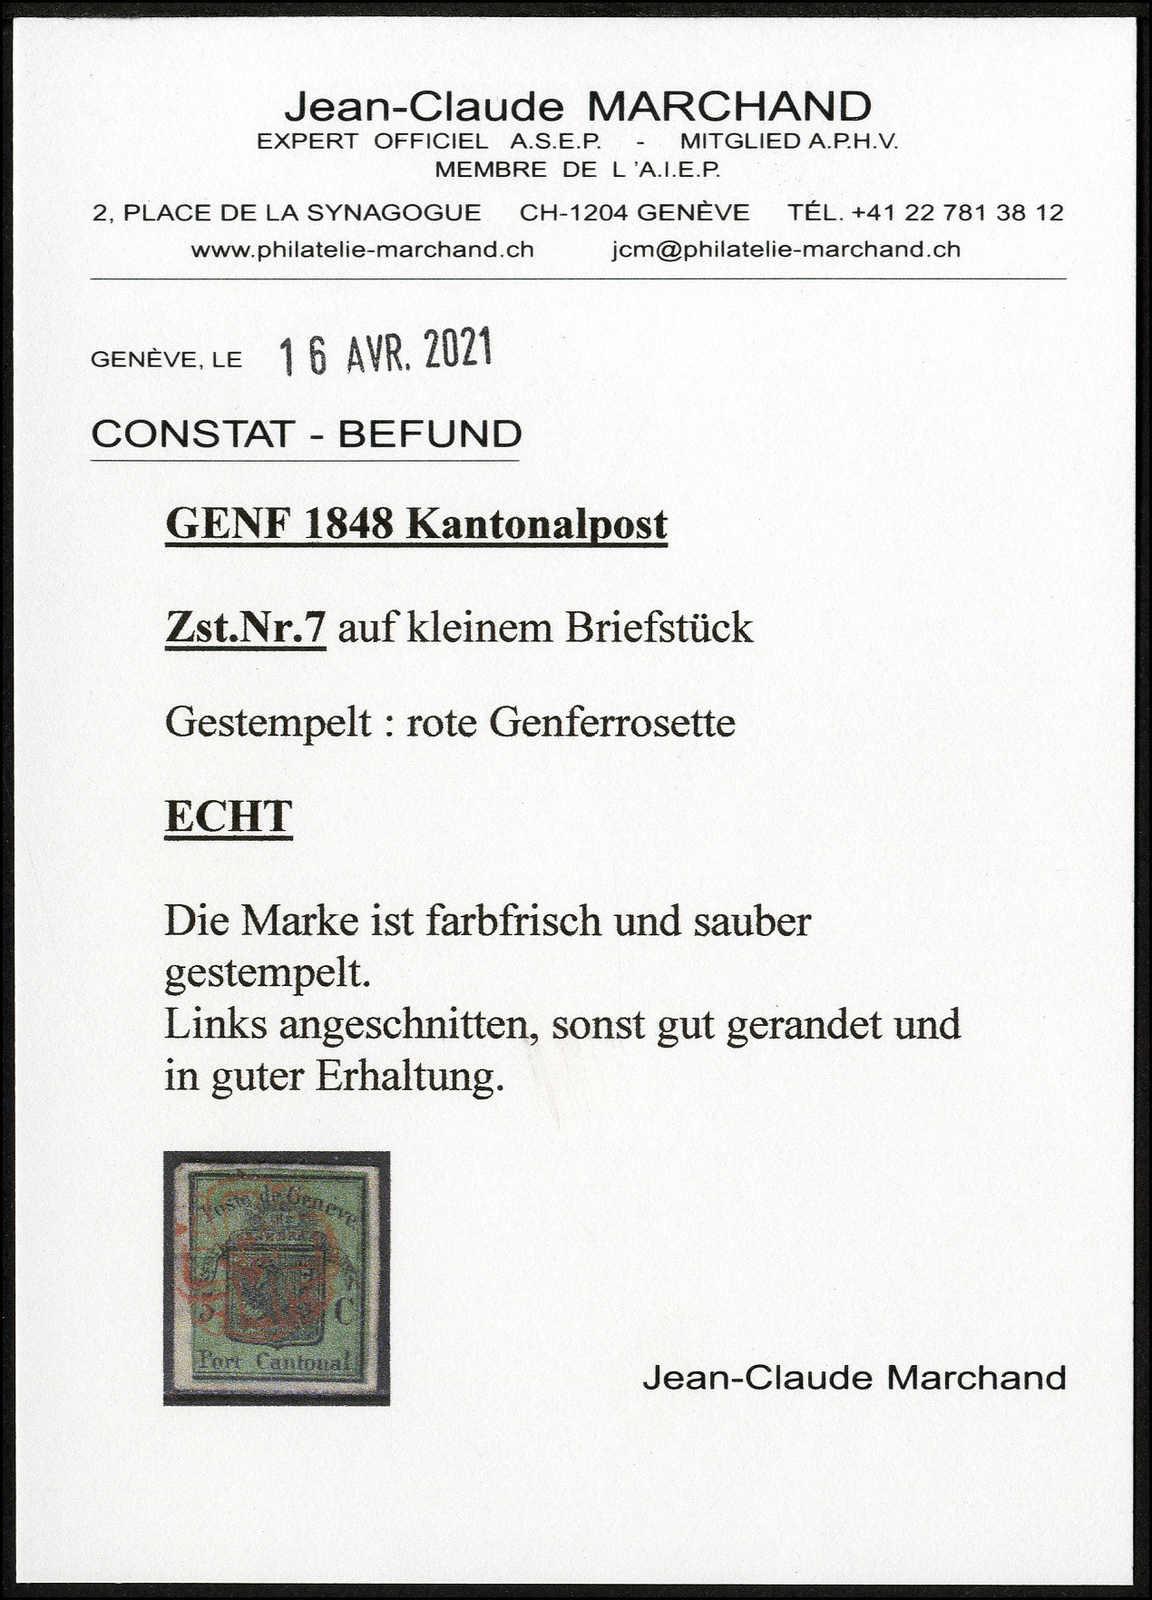 Lot 1010 - schweiz schweiz kantone genf -  Rolli Auctions Auction #68 Day 2